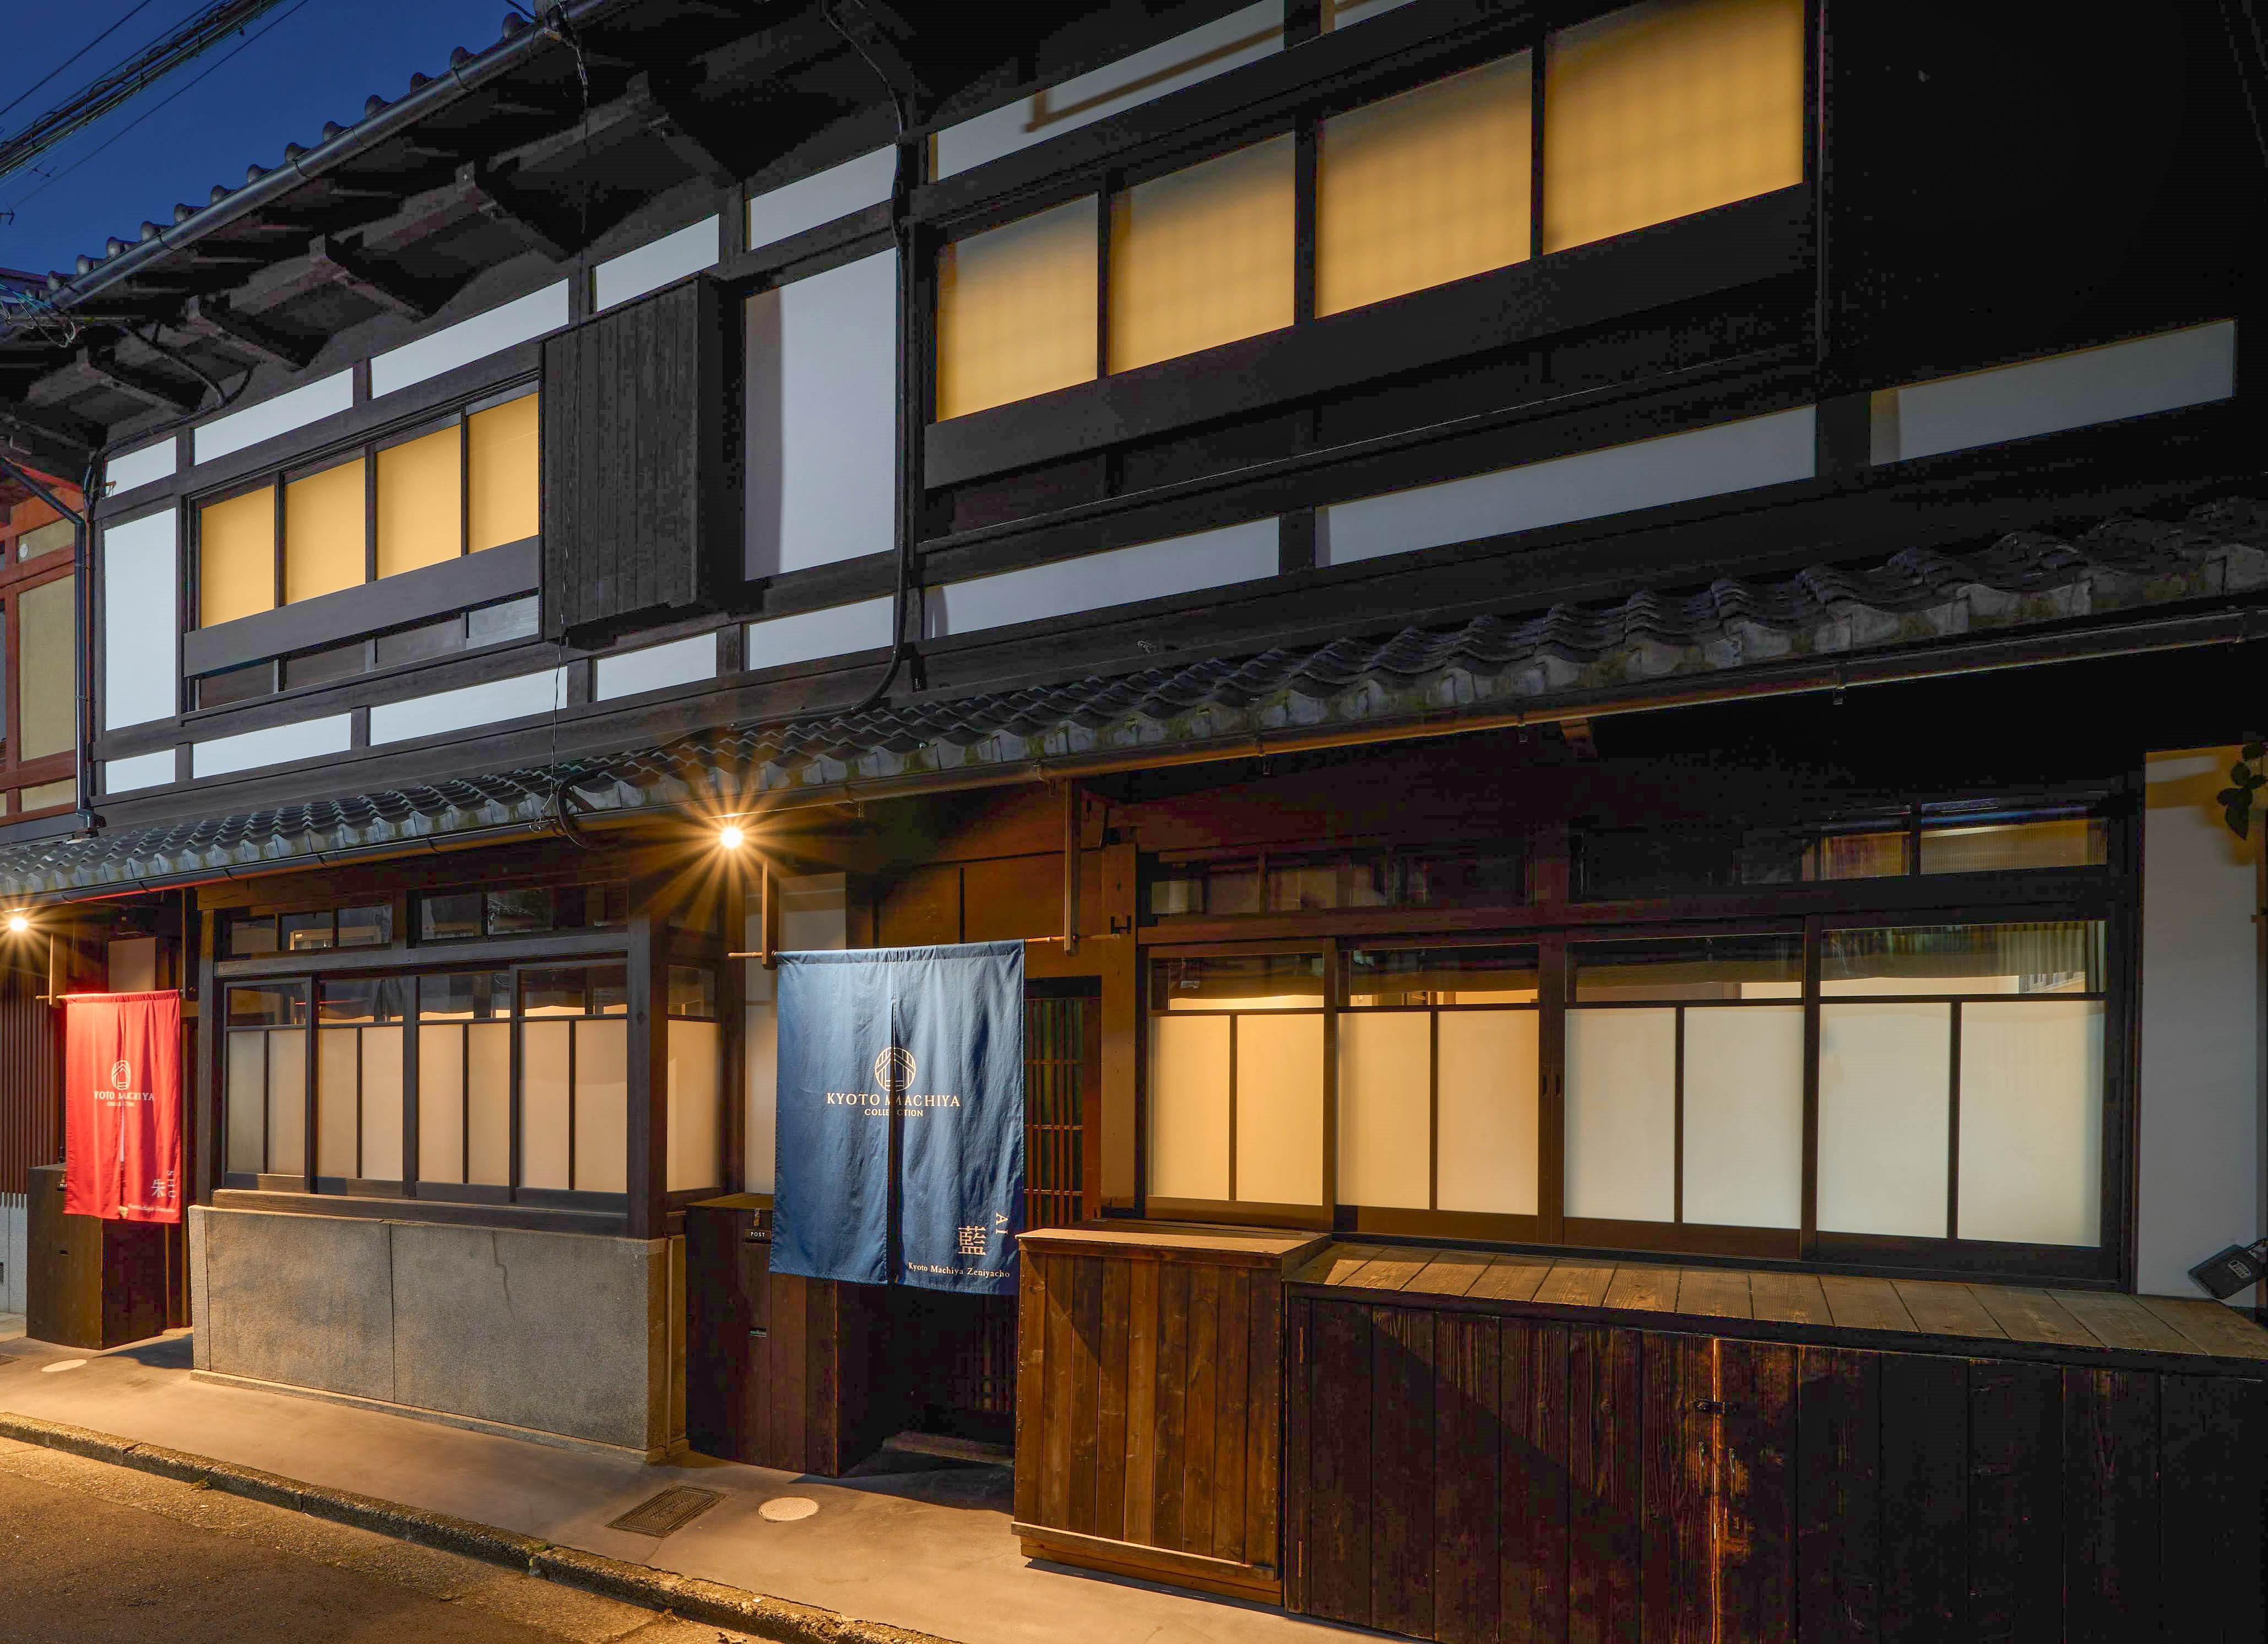 季楽 京都 銭屋町